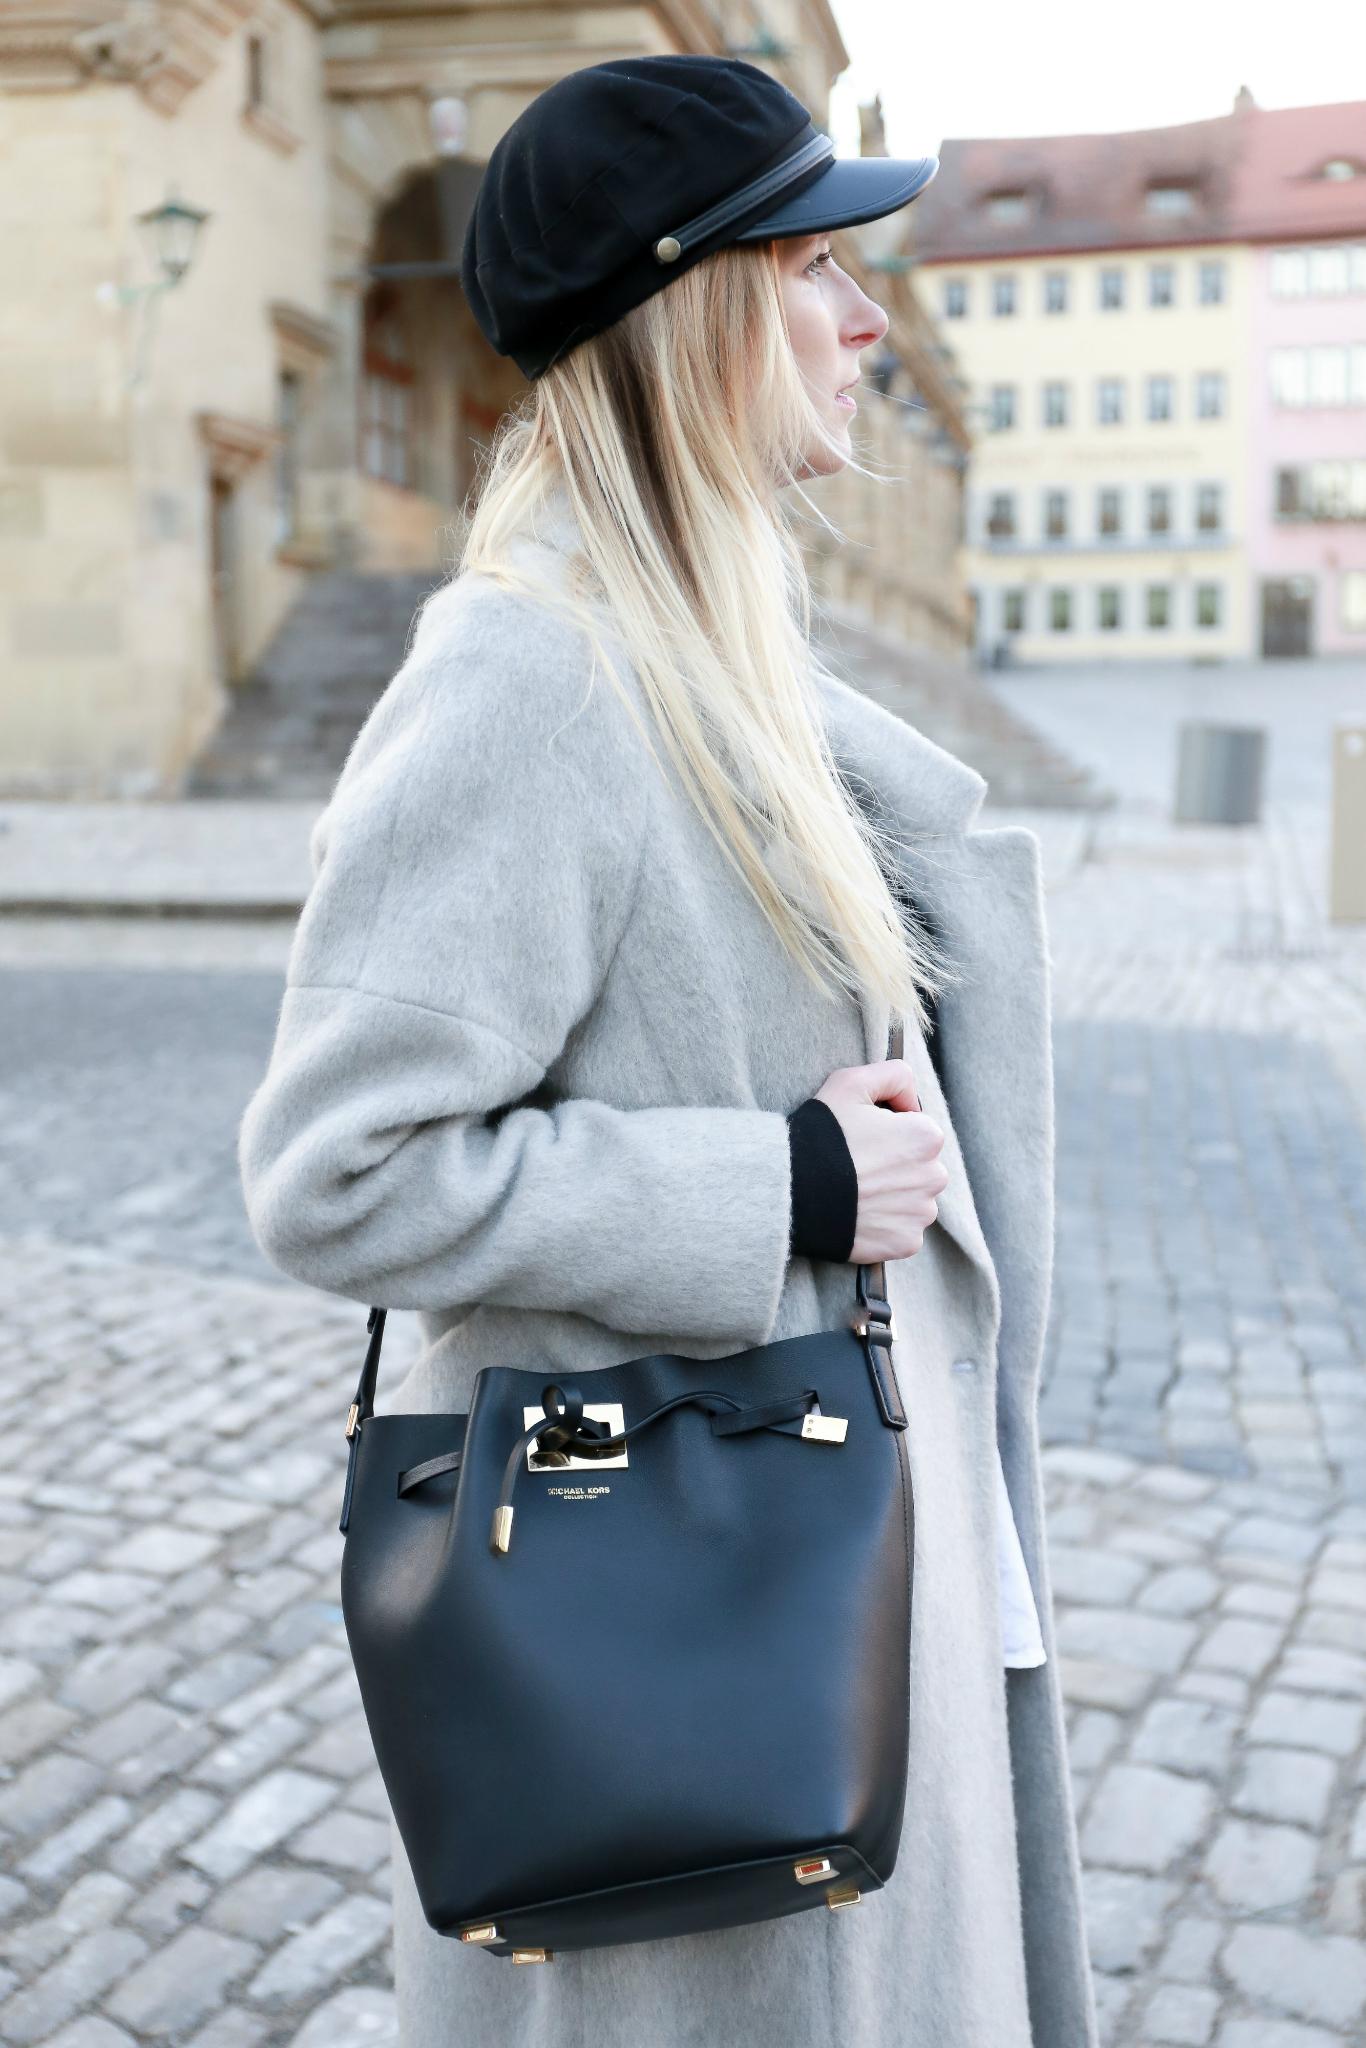 Fashion_Outfit_Michael_Kors_Bucket_Bag-18